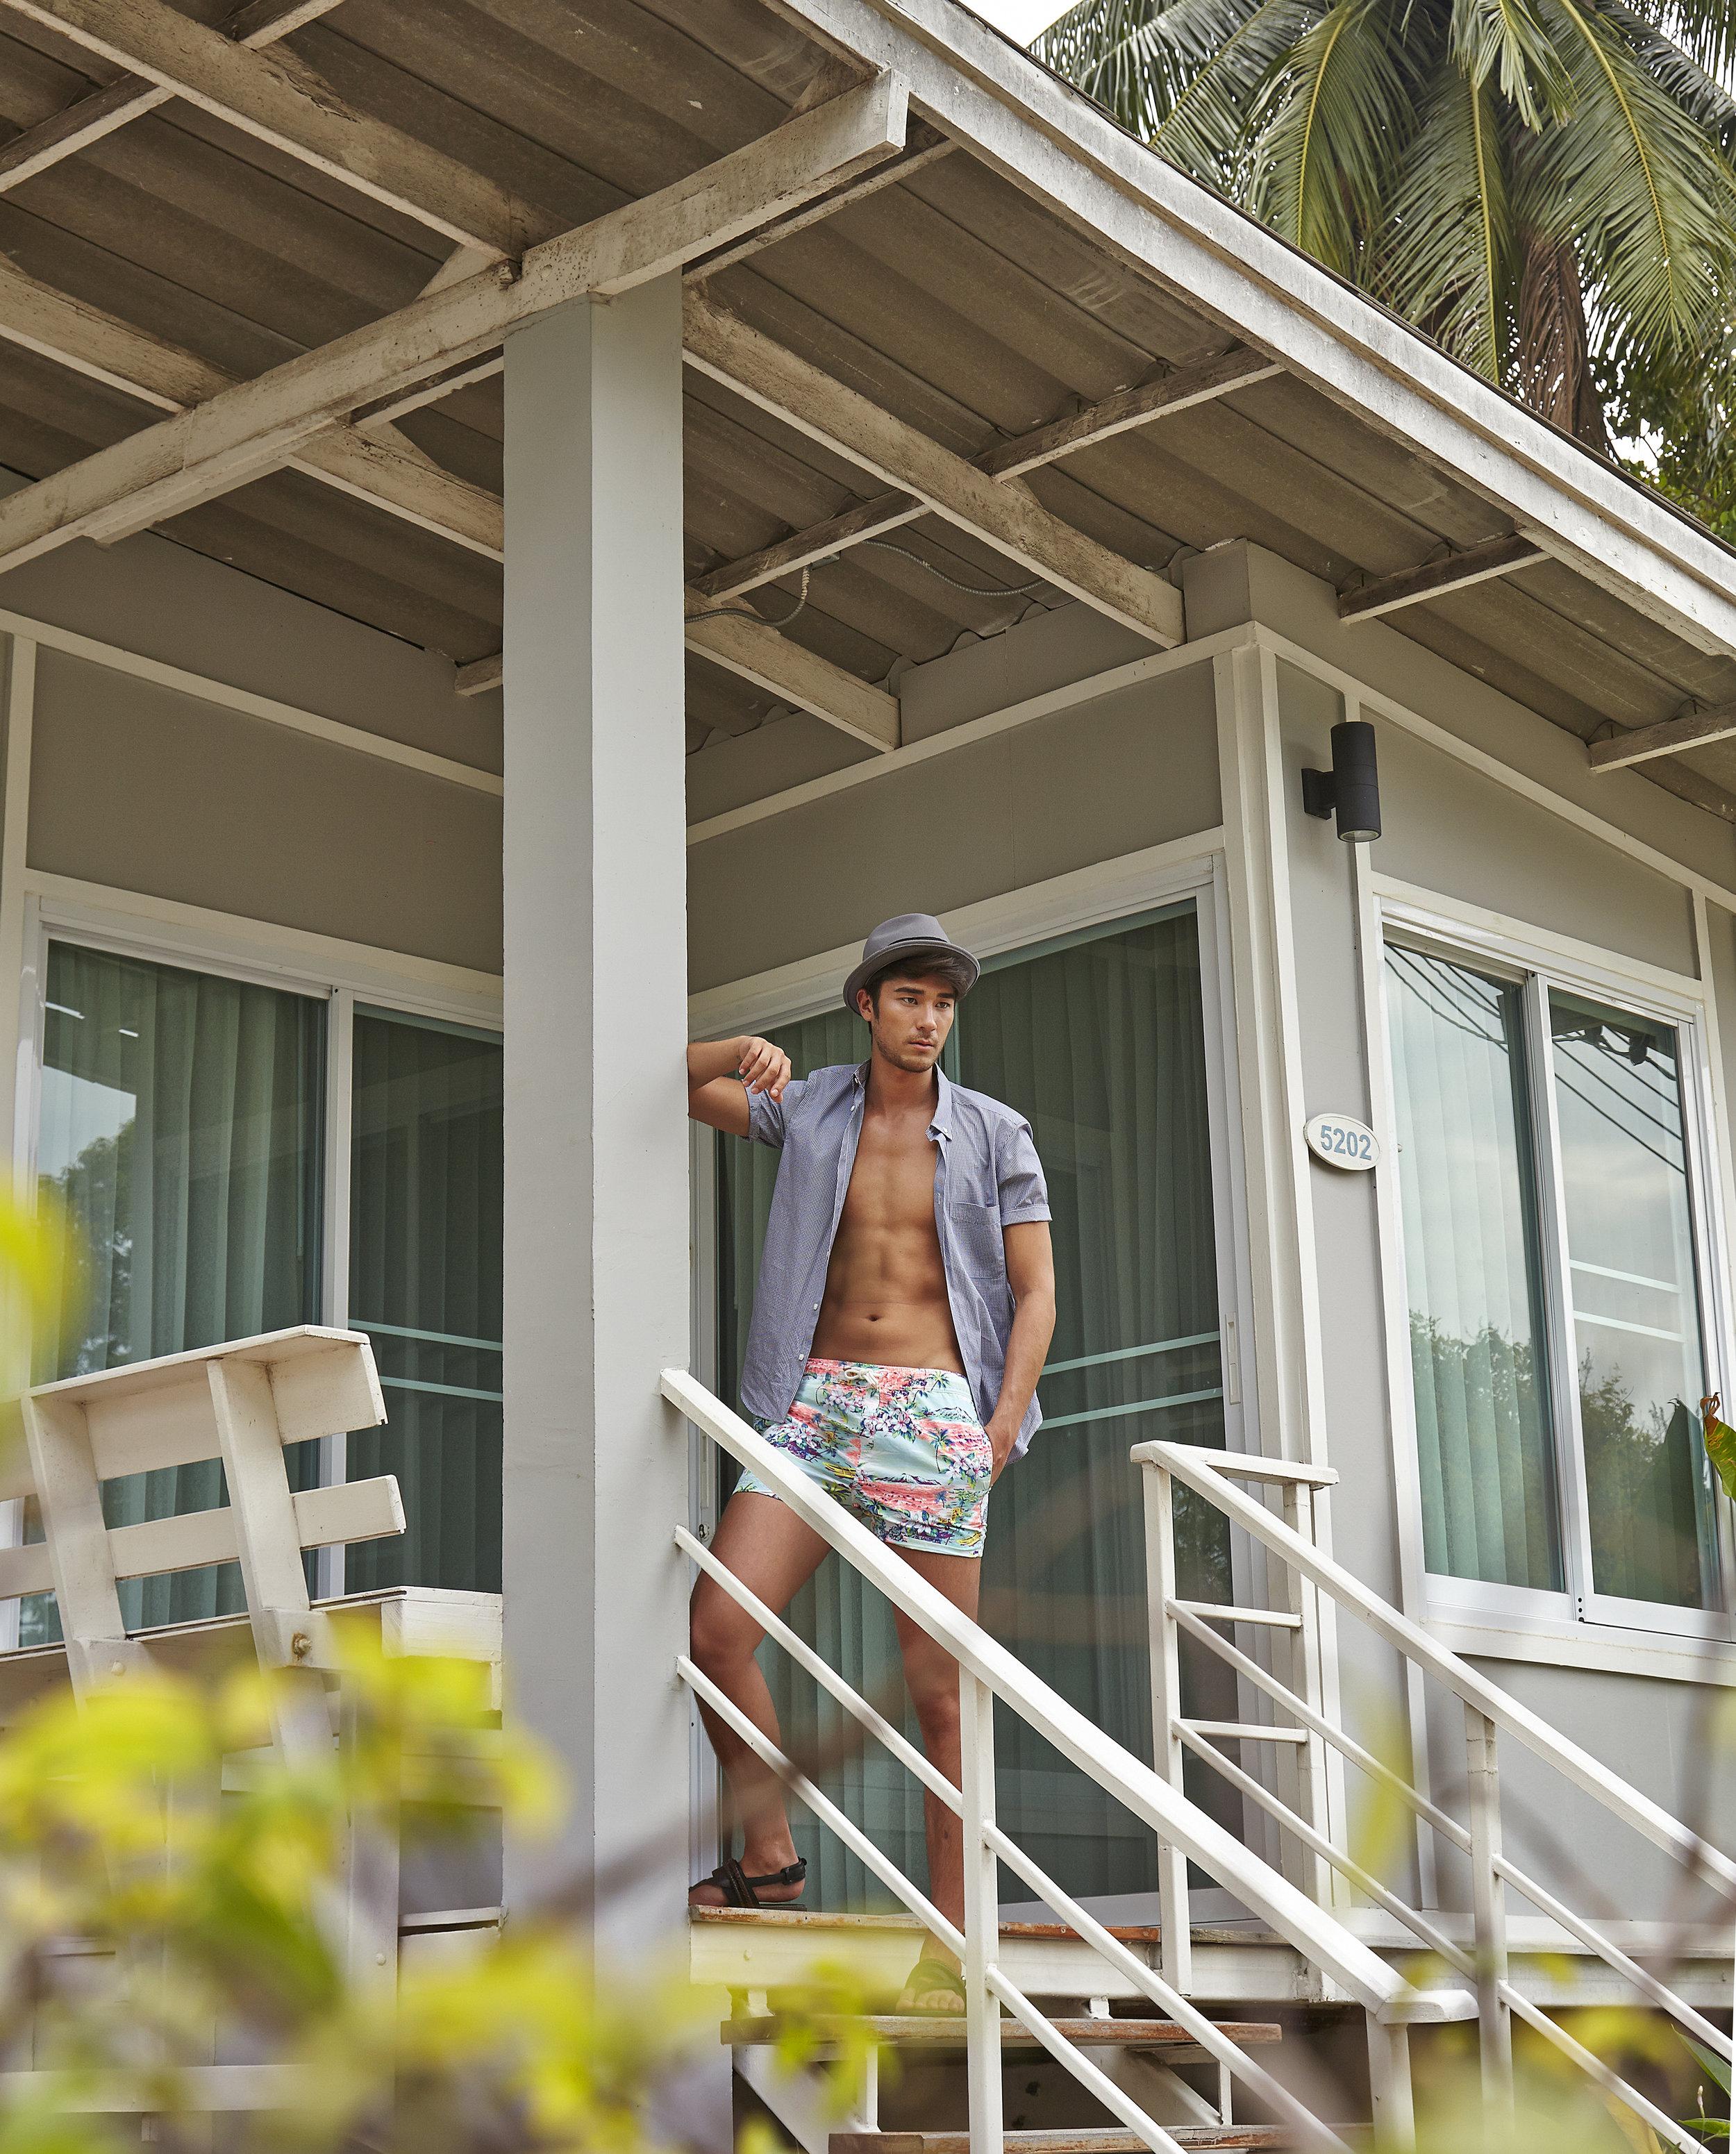 Model : Kenta Sakurai @kentasakura  Clothes : 4X4 MAN  Location :Bangsaen Heritage Hotel